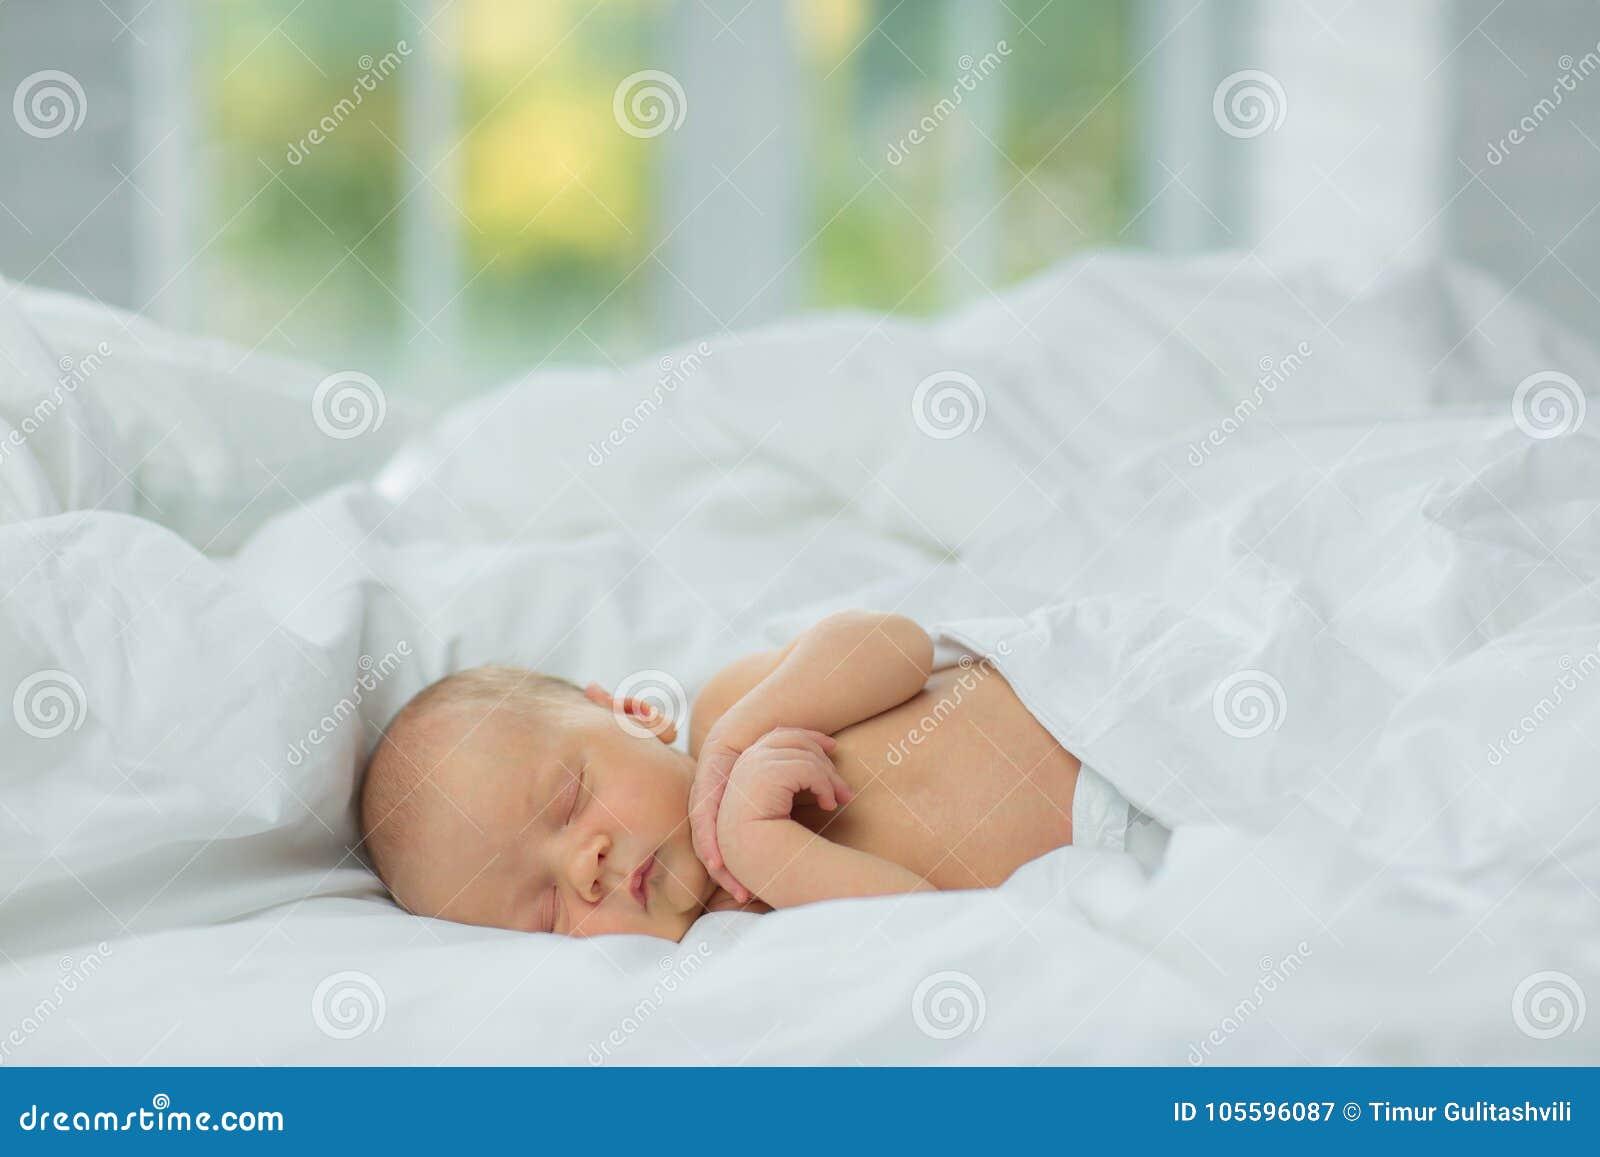 Os sonos recém-nascidos Idade 10 dias